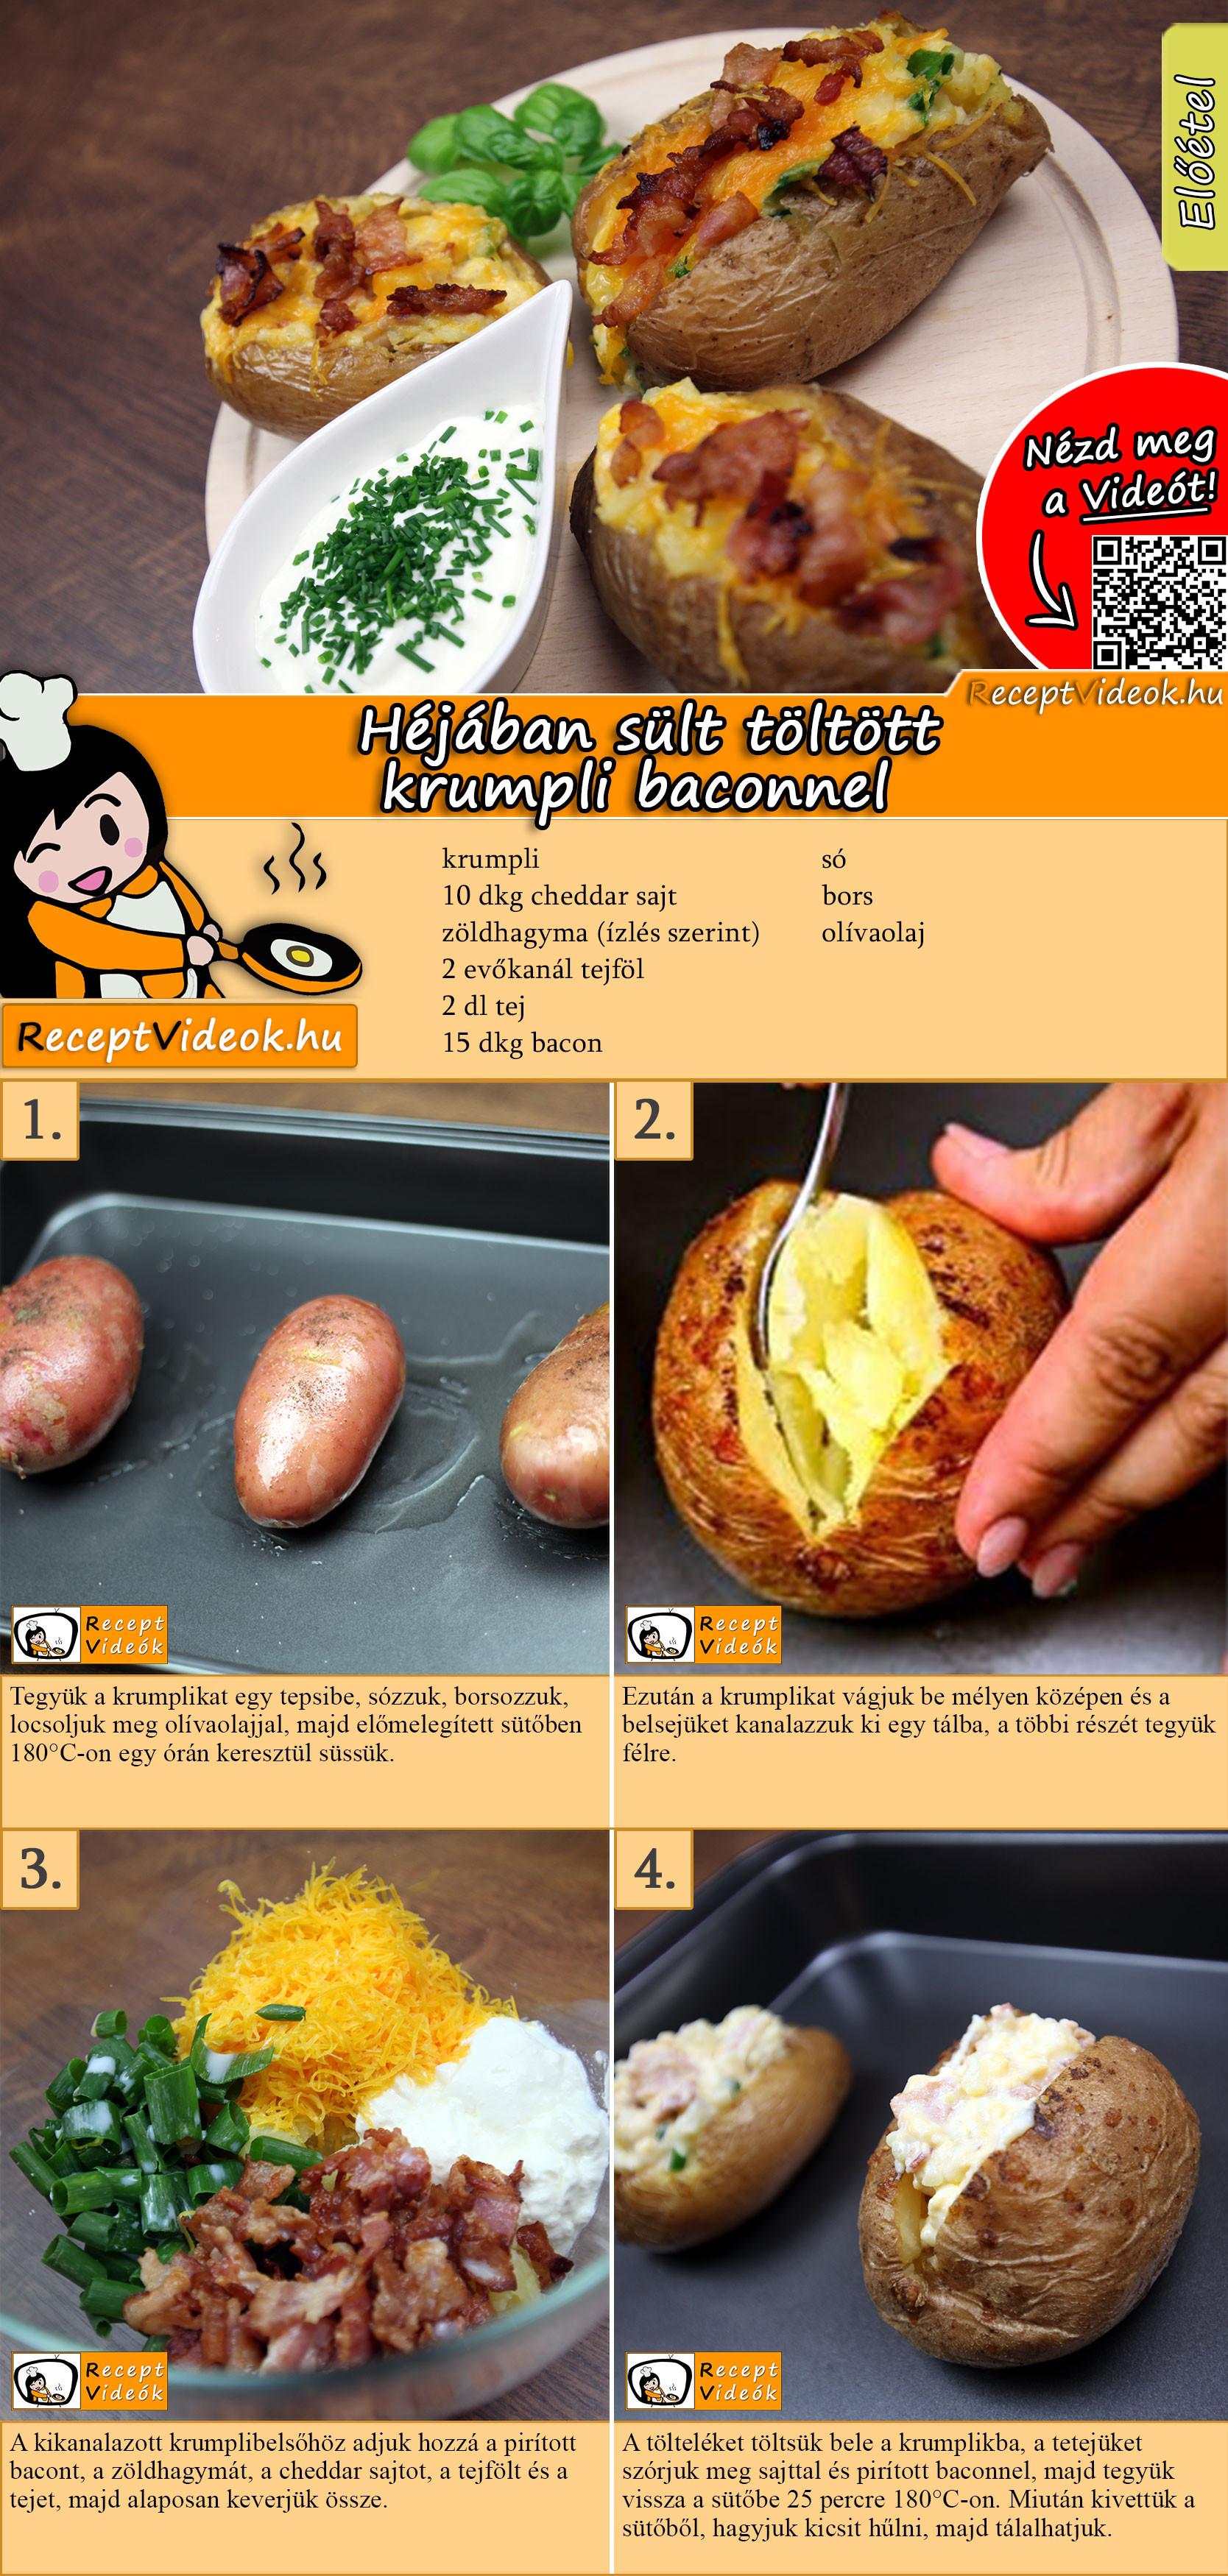 Héjában sült töltött krumpli baconnel recept elkészítése videóval